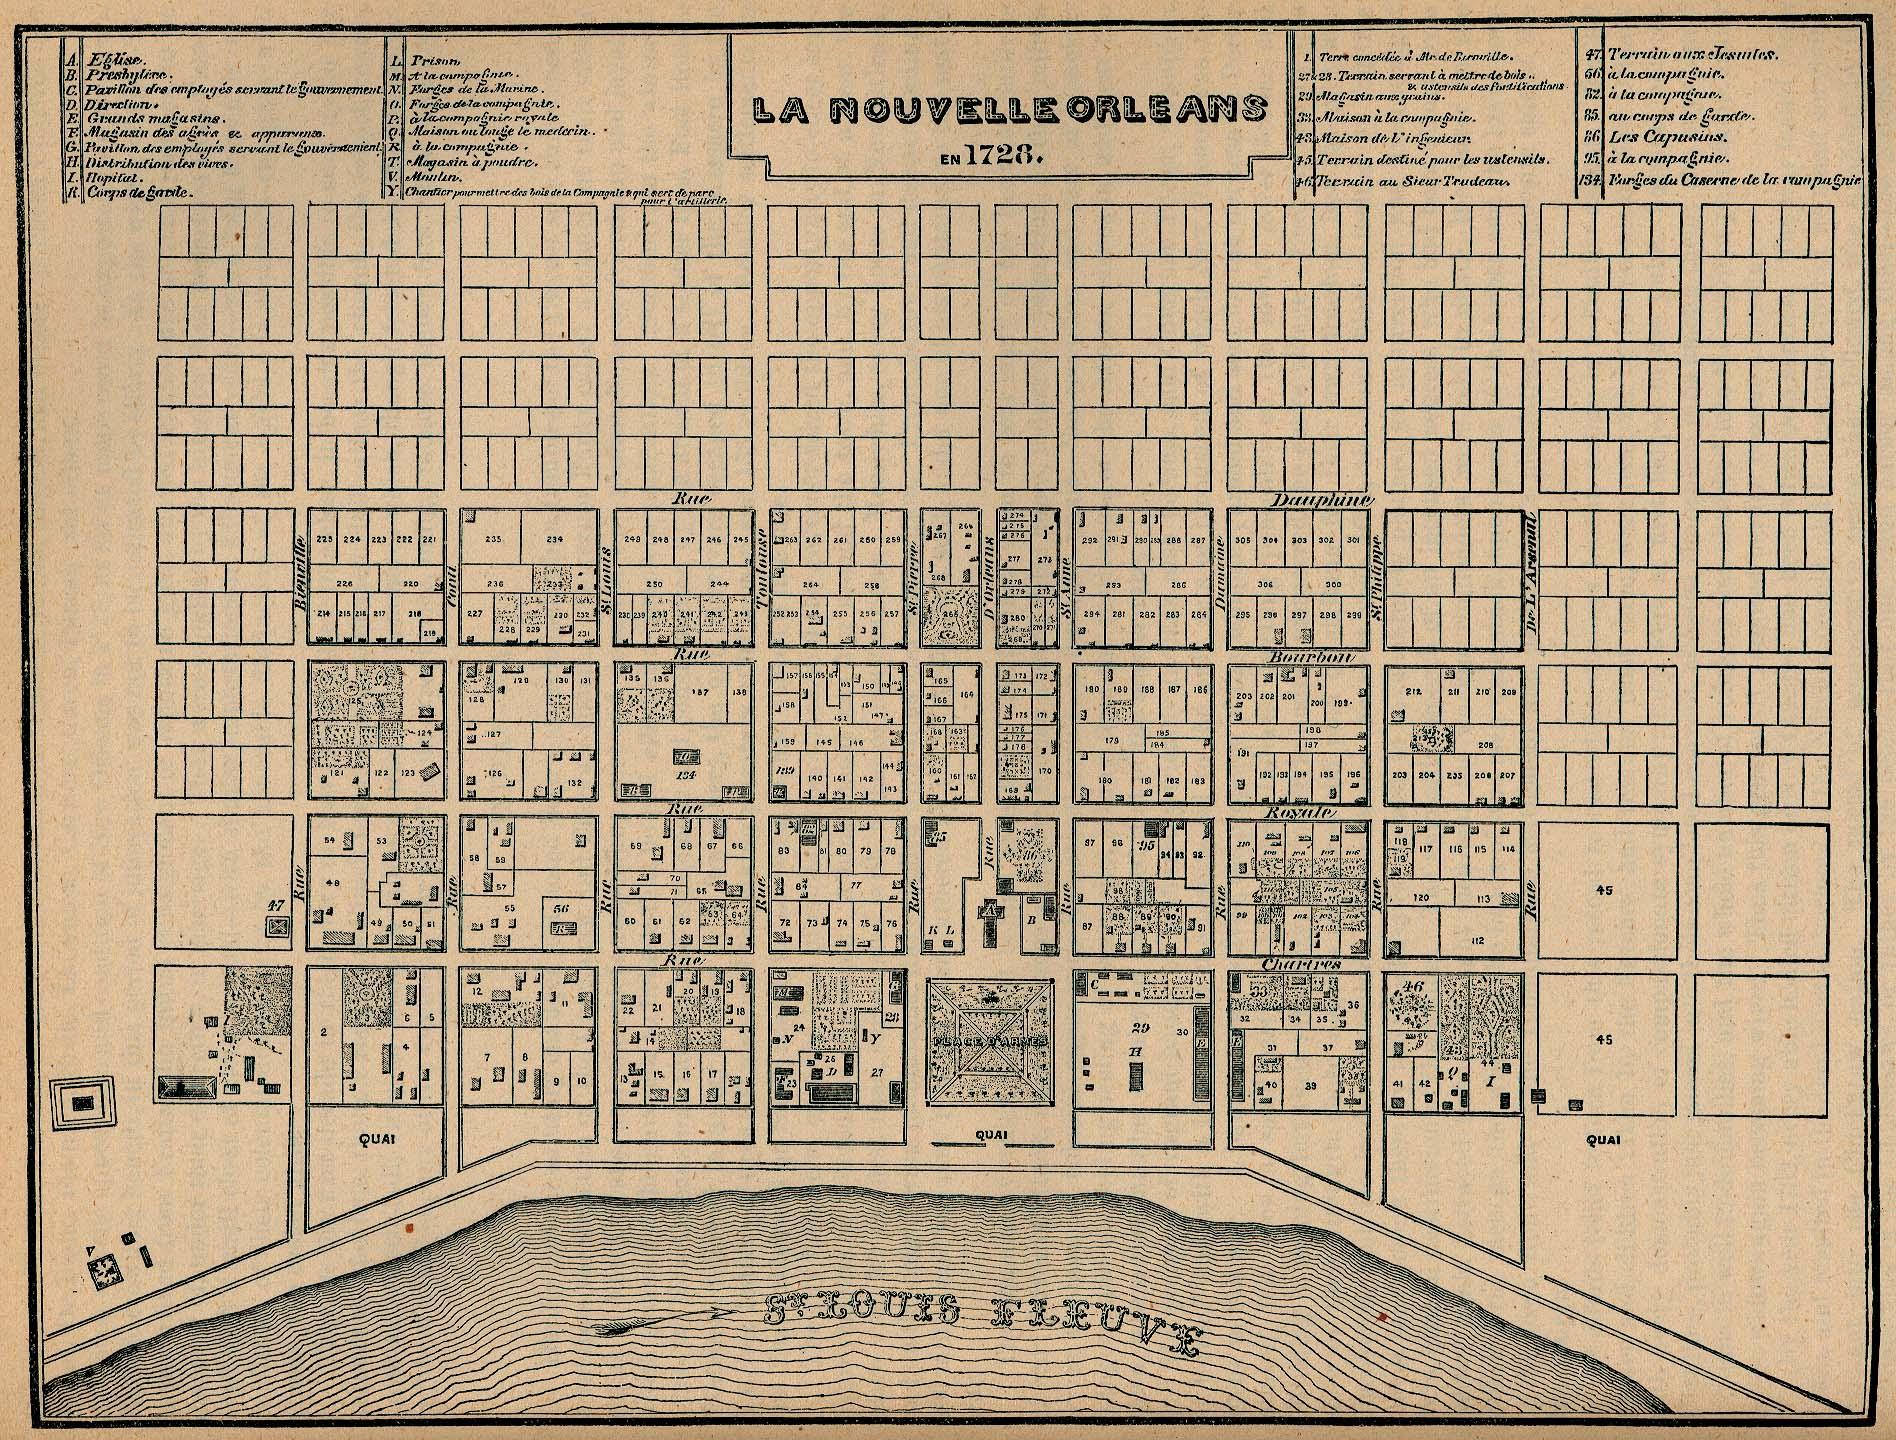 Mapa de la Ciudad de Nueva Orleans, Luisiana, Estados Unidos 1728